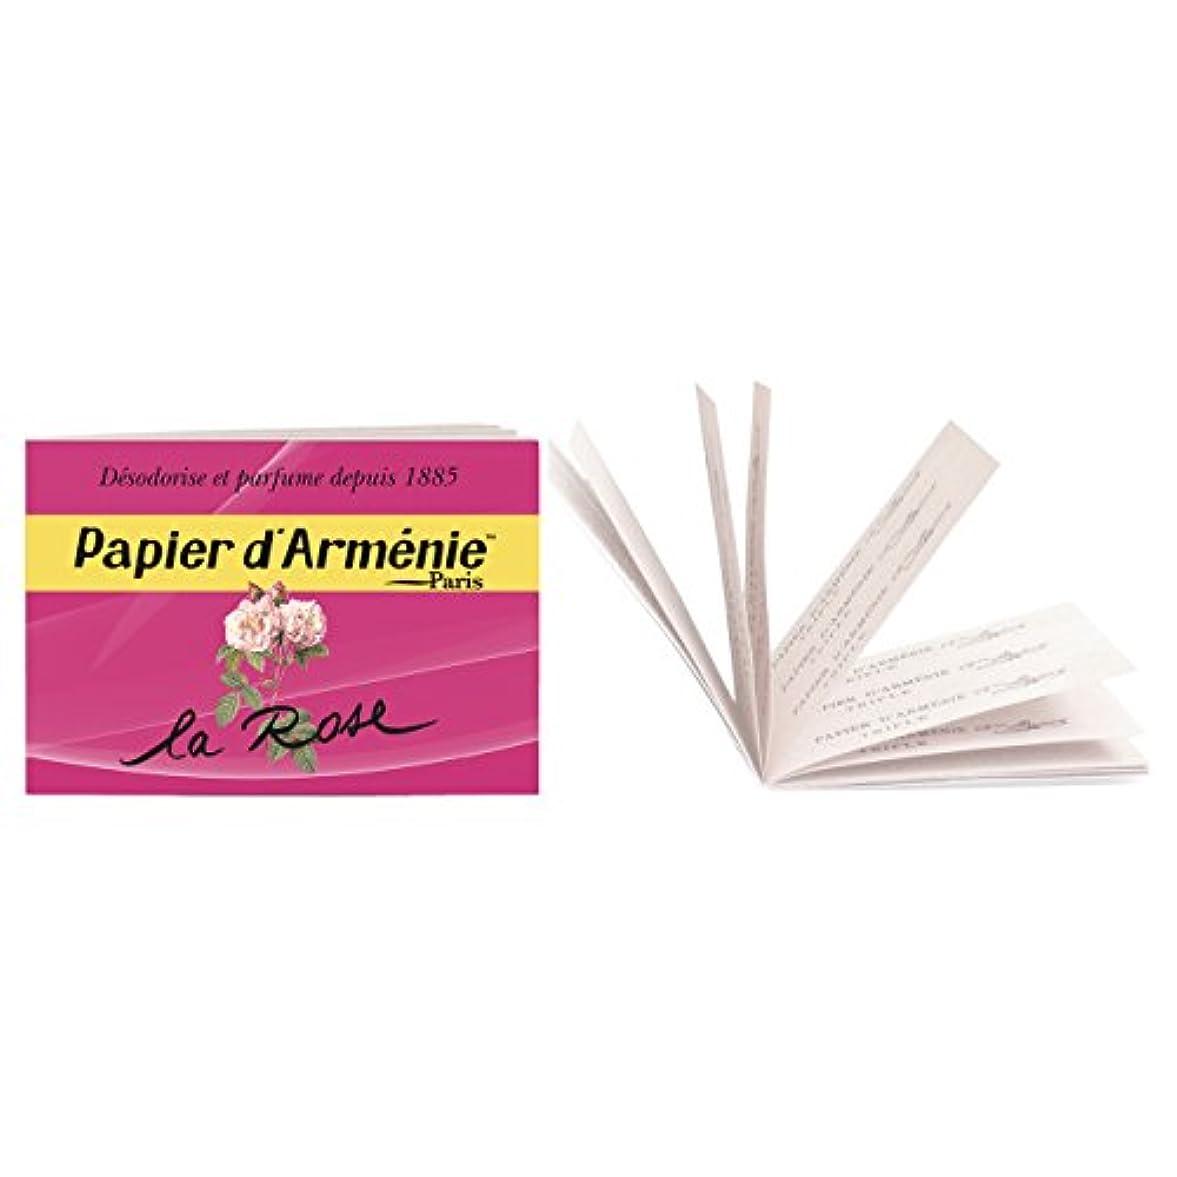 パシフィック器具不適切なパピエダルメニイ トリプル ローズ (紙のお香 3×12枚/36回分)